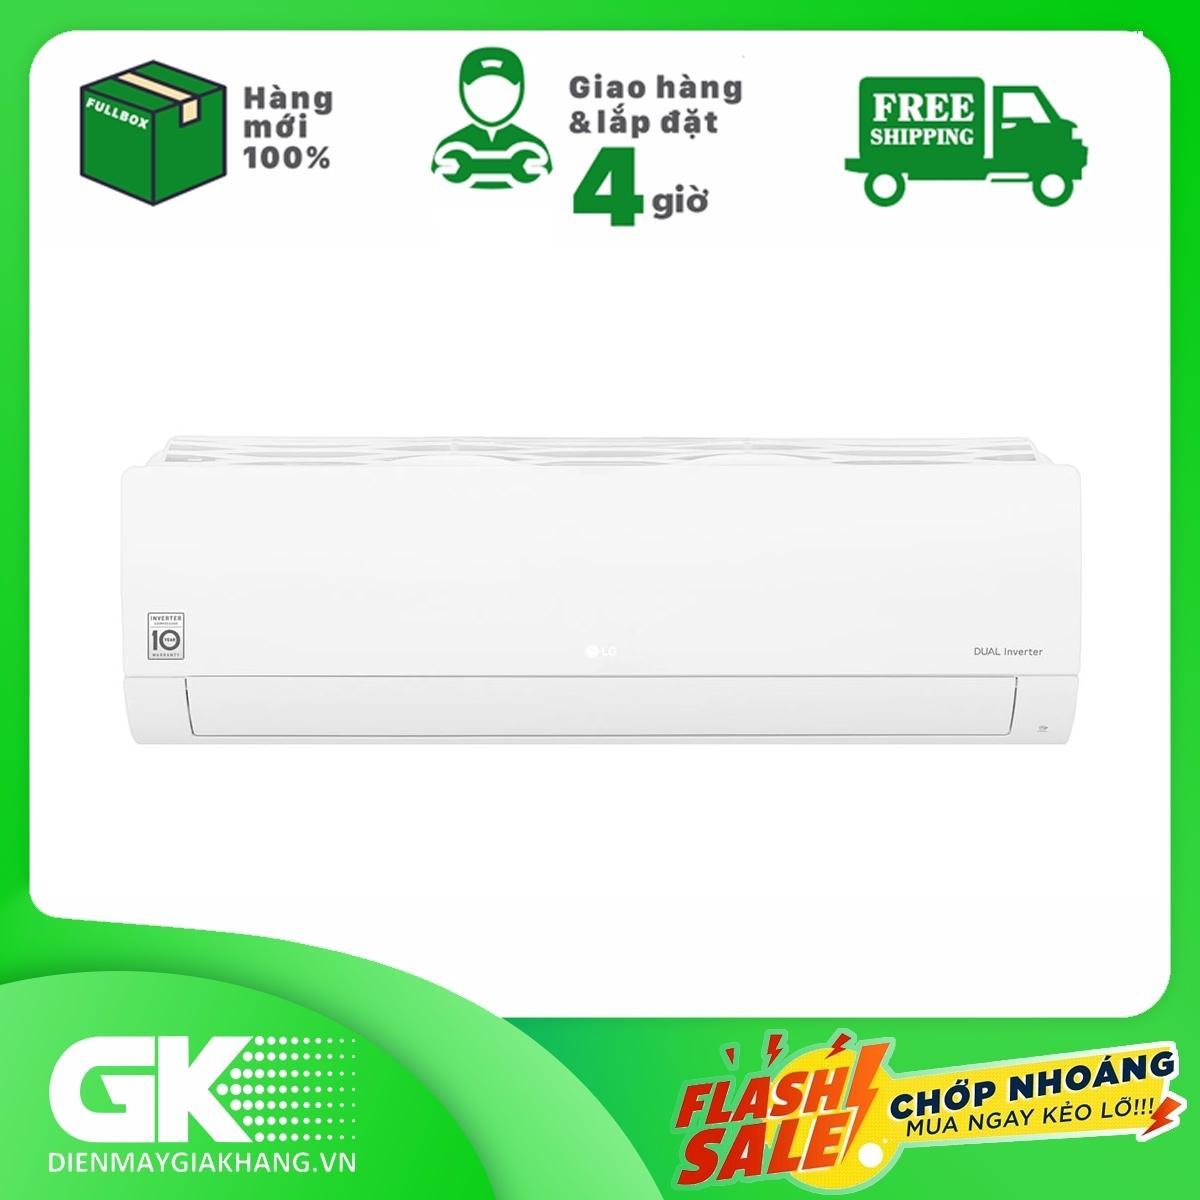 Bảng giá Máy lạnh LG Inverter 2 HP V18ENF, chế độ làm lạnh nhanh Jet Cool, tiết kiệm điện năng nhờ công nghệ Inverter - Bảo hành 12 tháng.